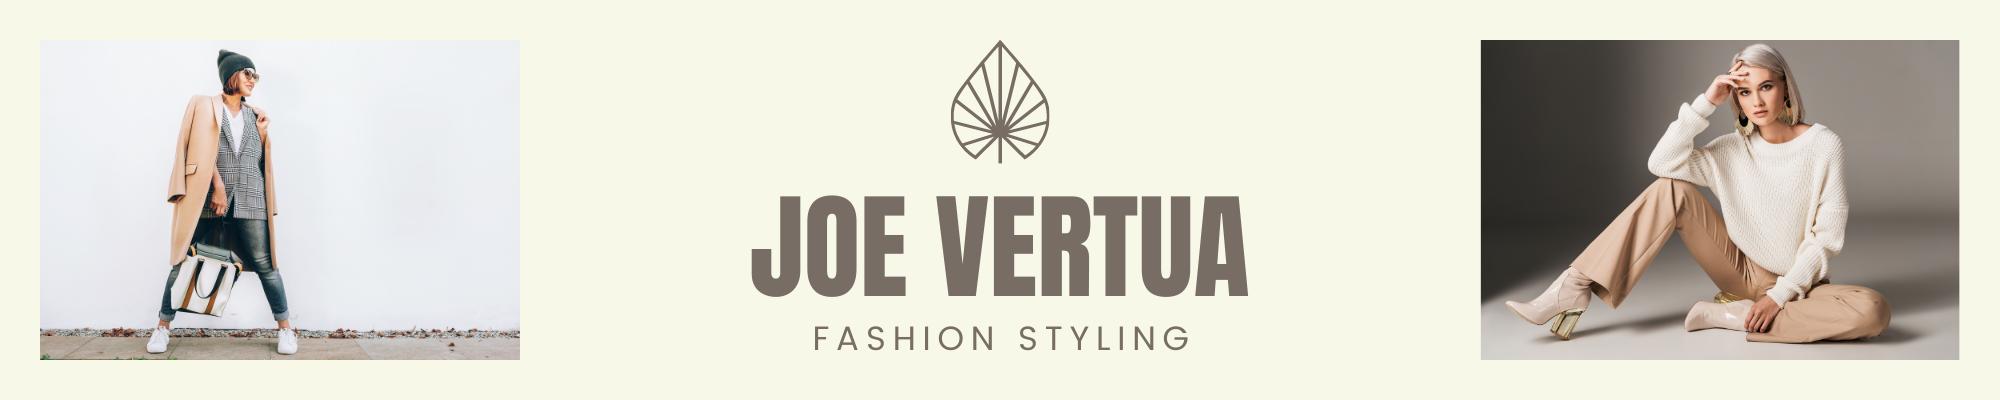 Joe Vertua – fashion styling